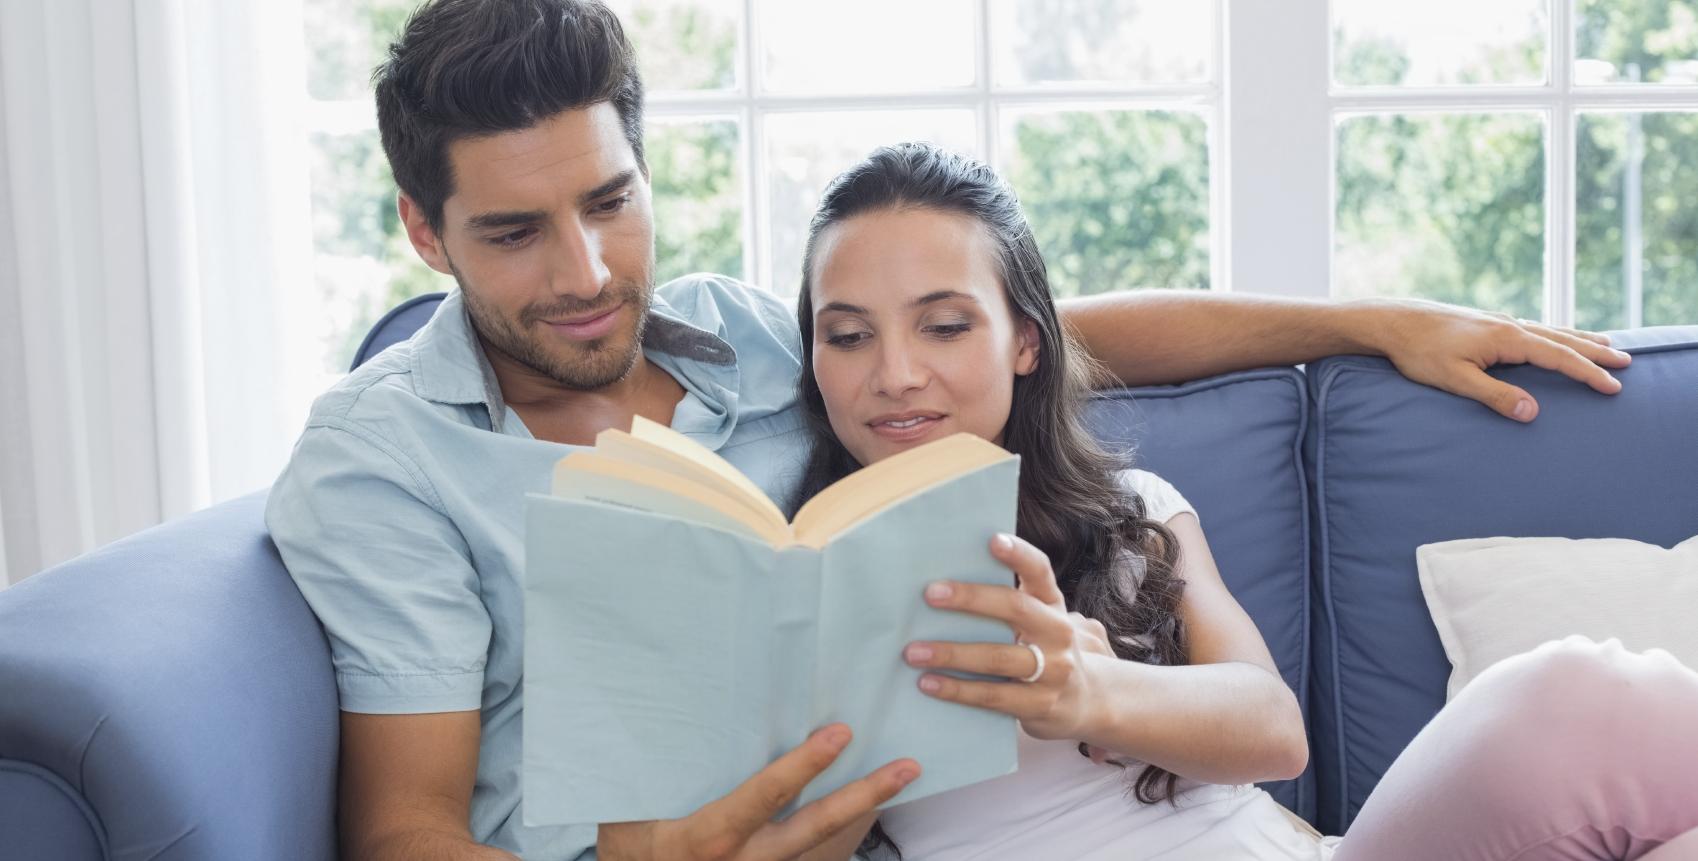 best dating advice books for men